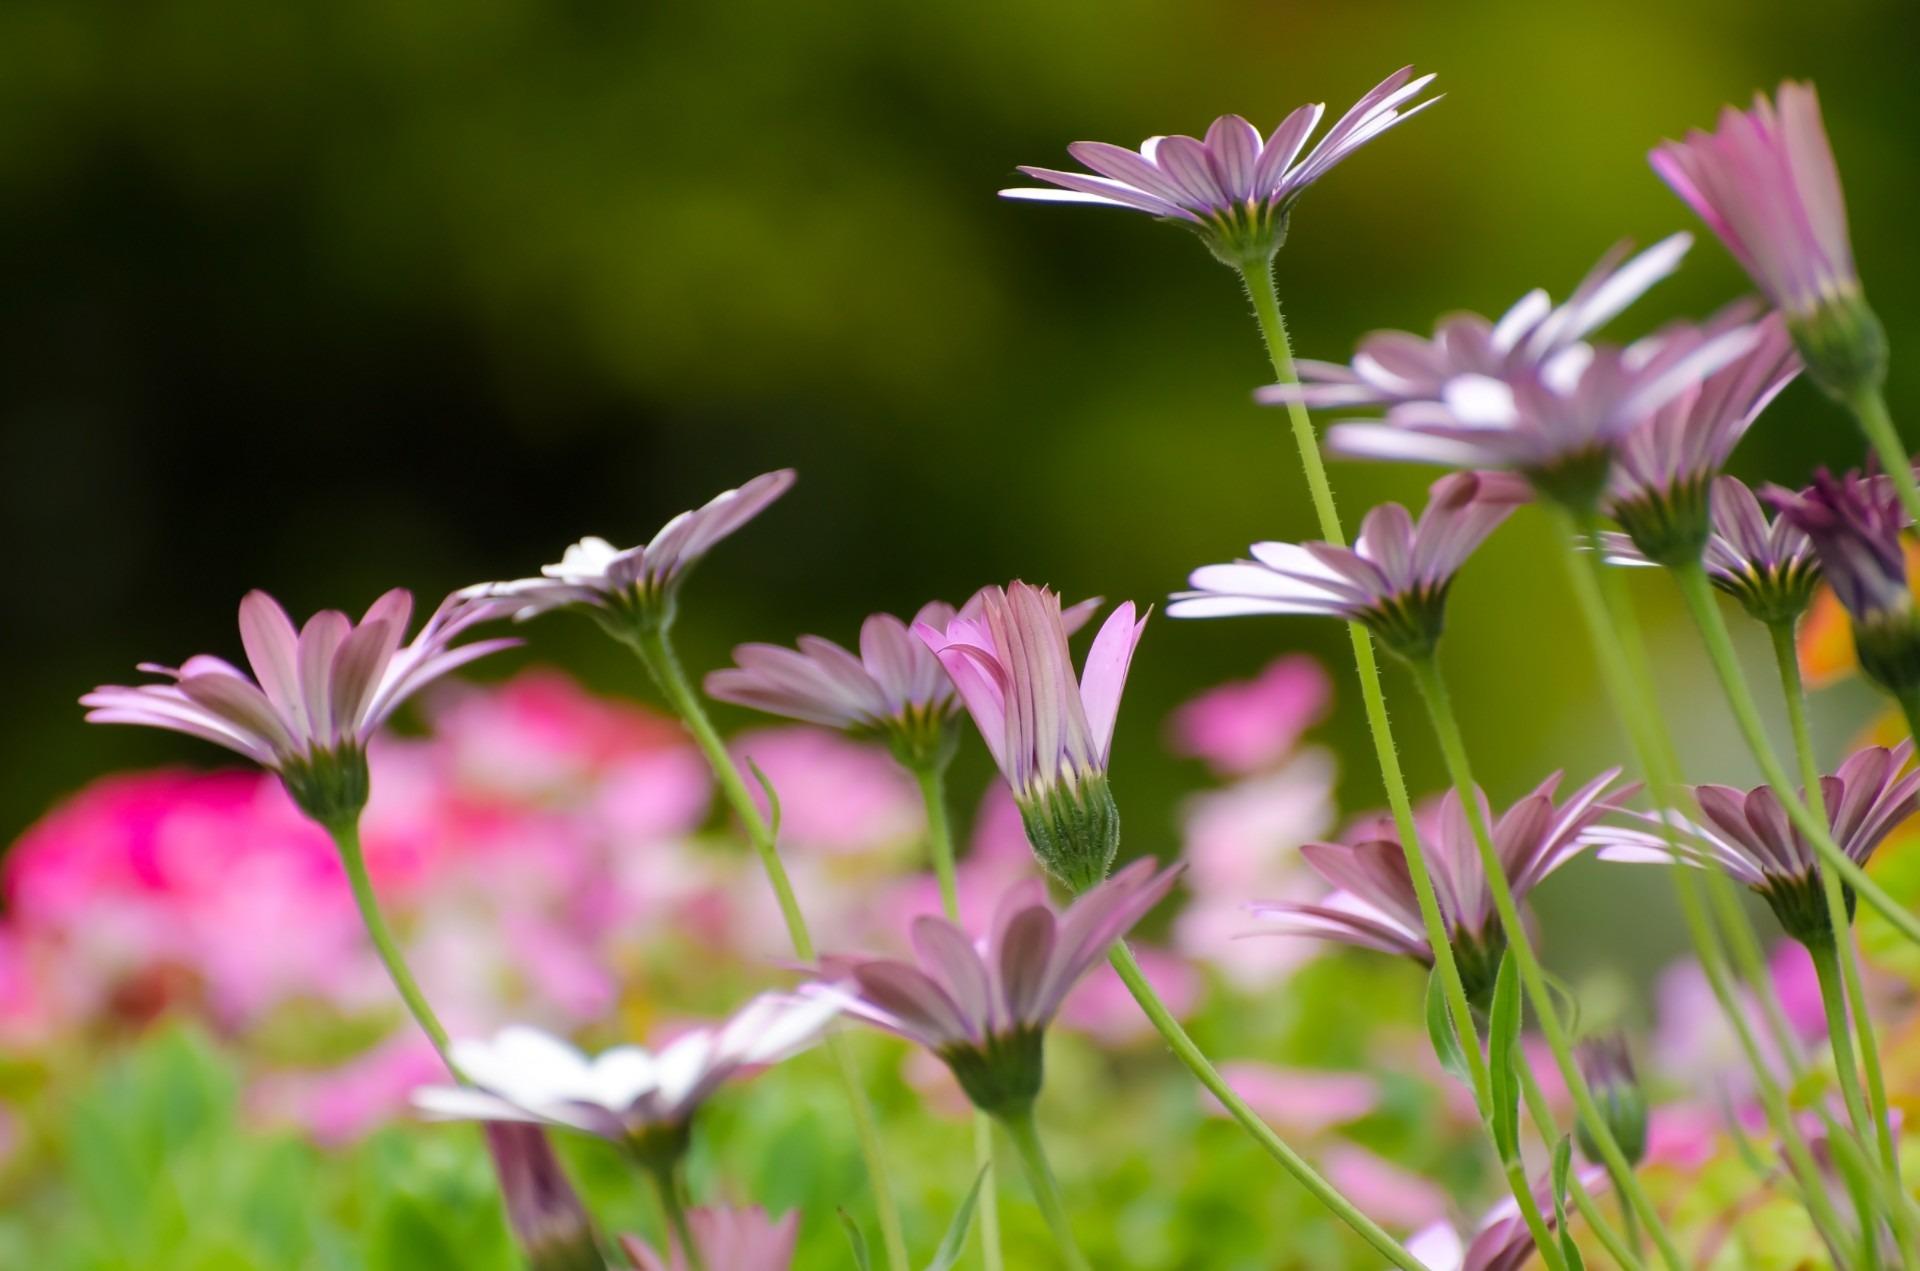 fotos gratis naturaleza csped prado pradera ptalo verano amor regalo decoracin primavera natural botnica amarillo boda flora temporada